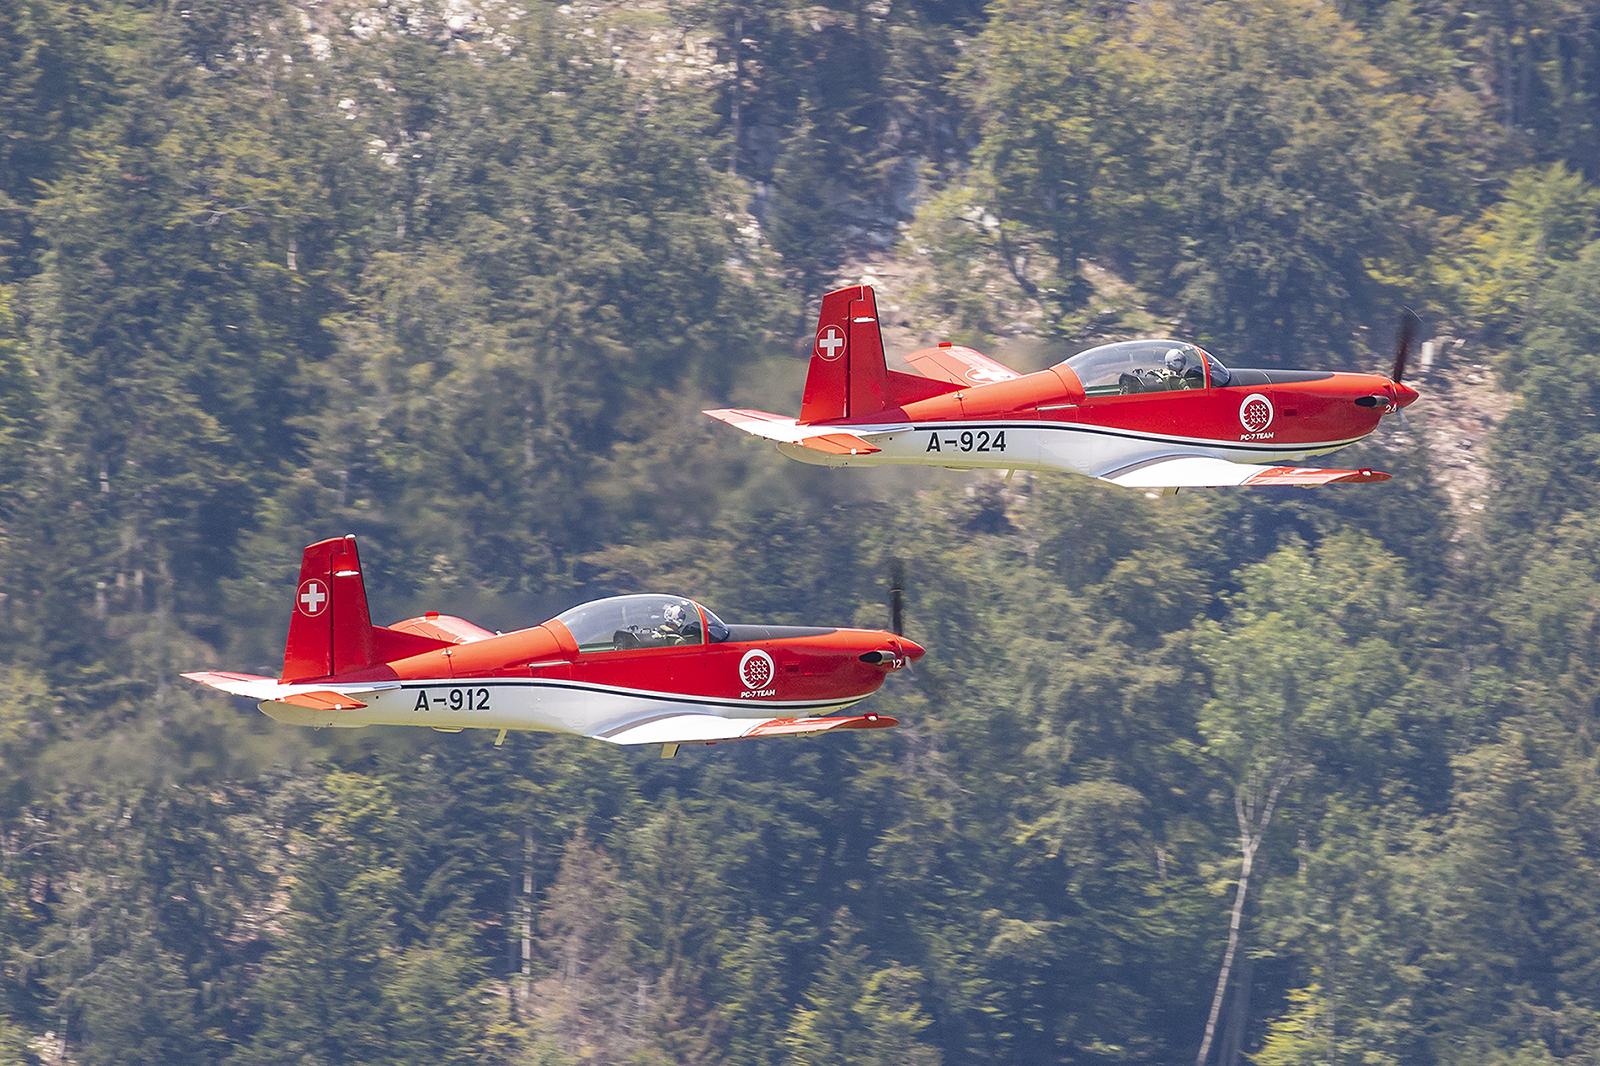 Hier die zwei PC-7 bei Abflug.